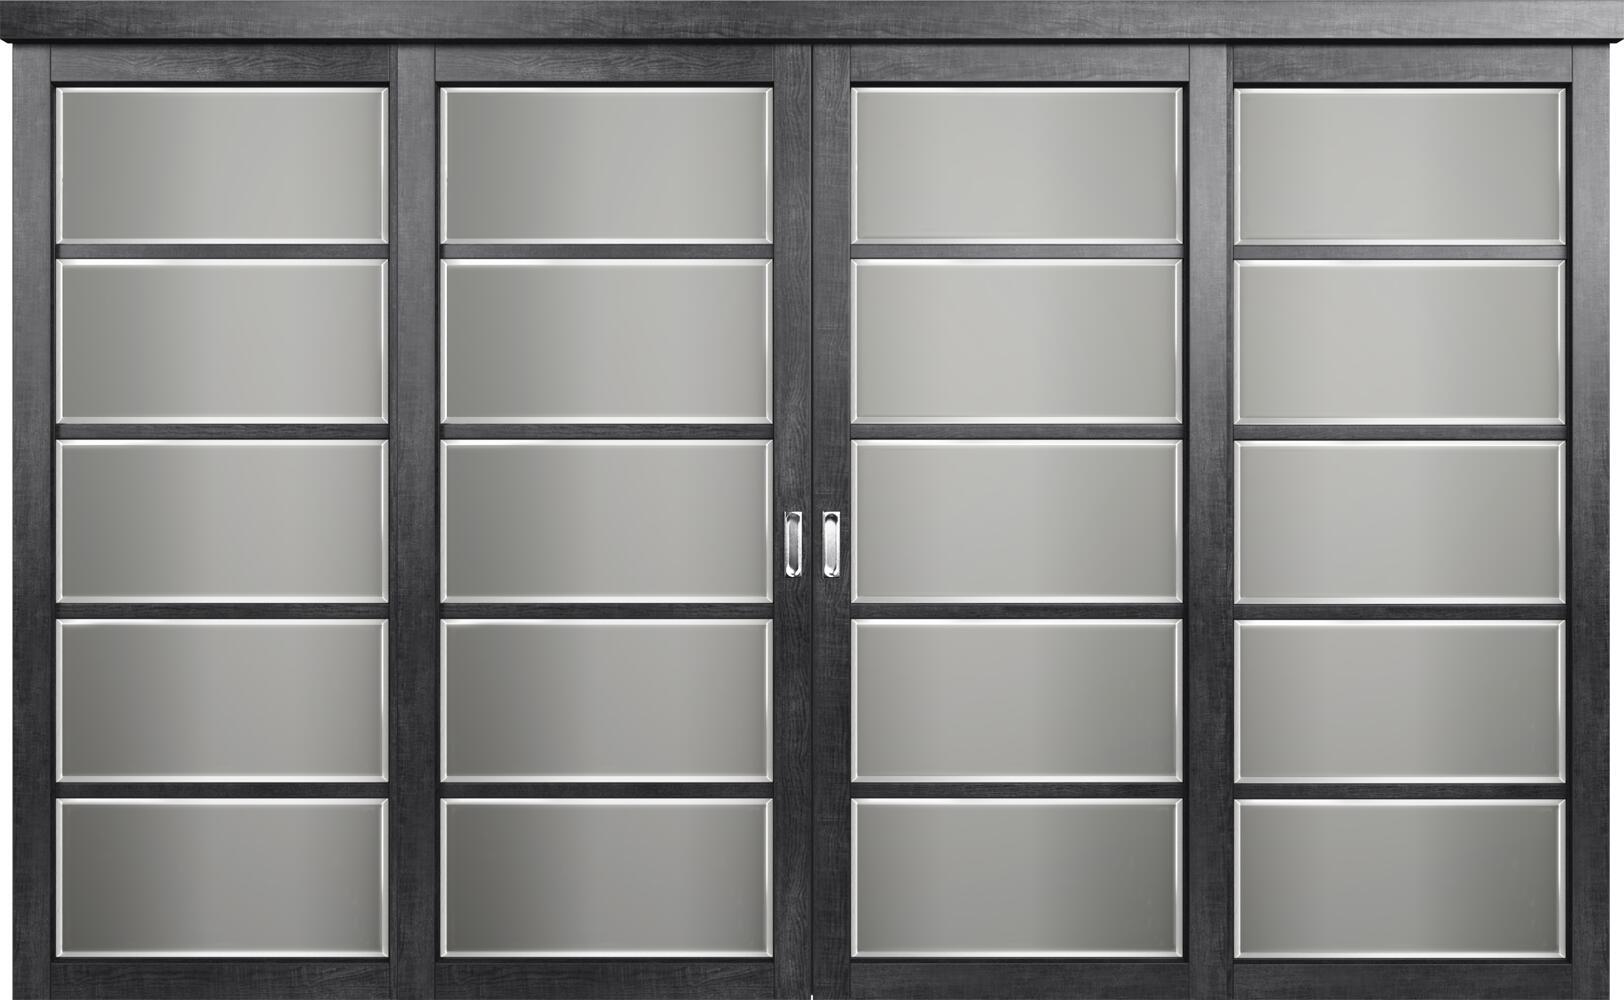 Коллекция Перегородки Двухполосная раздвижная система для 4-х полотен. Тип 1 Венге пепельный + Фацет